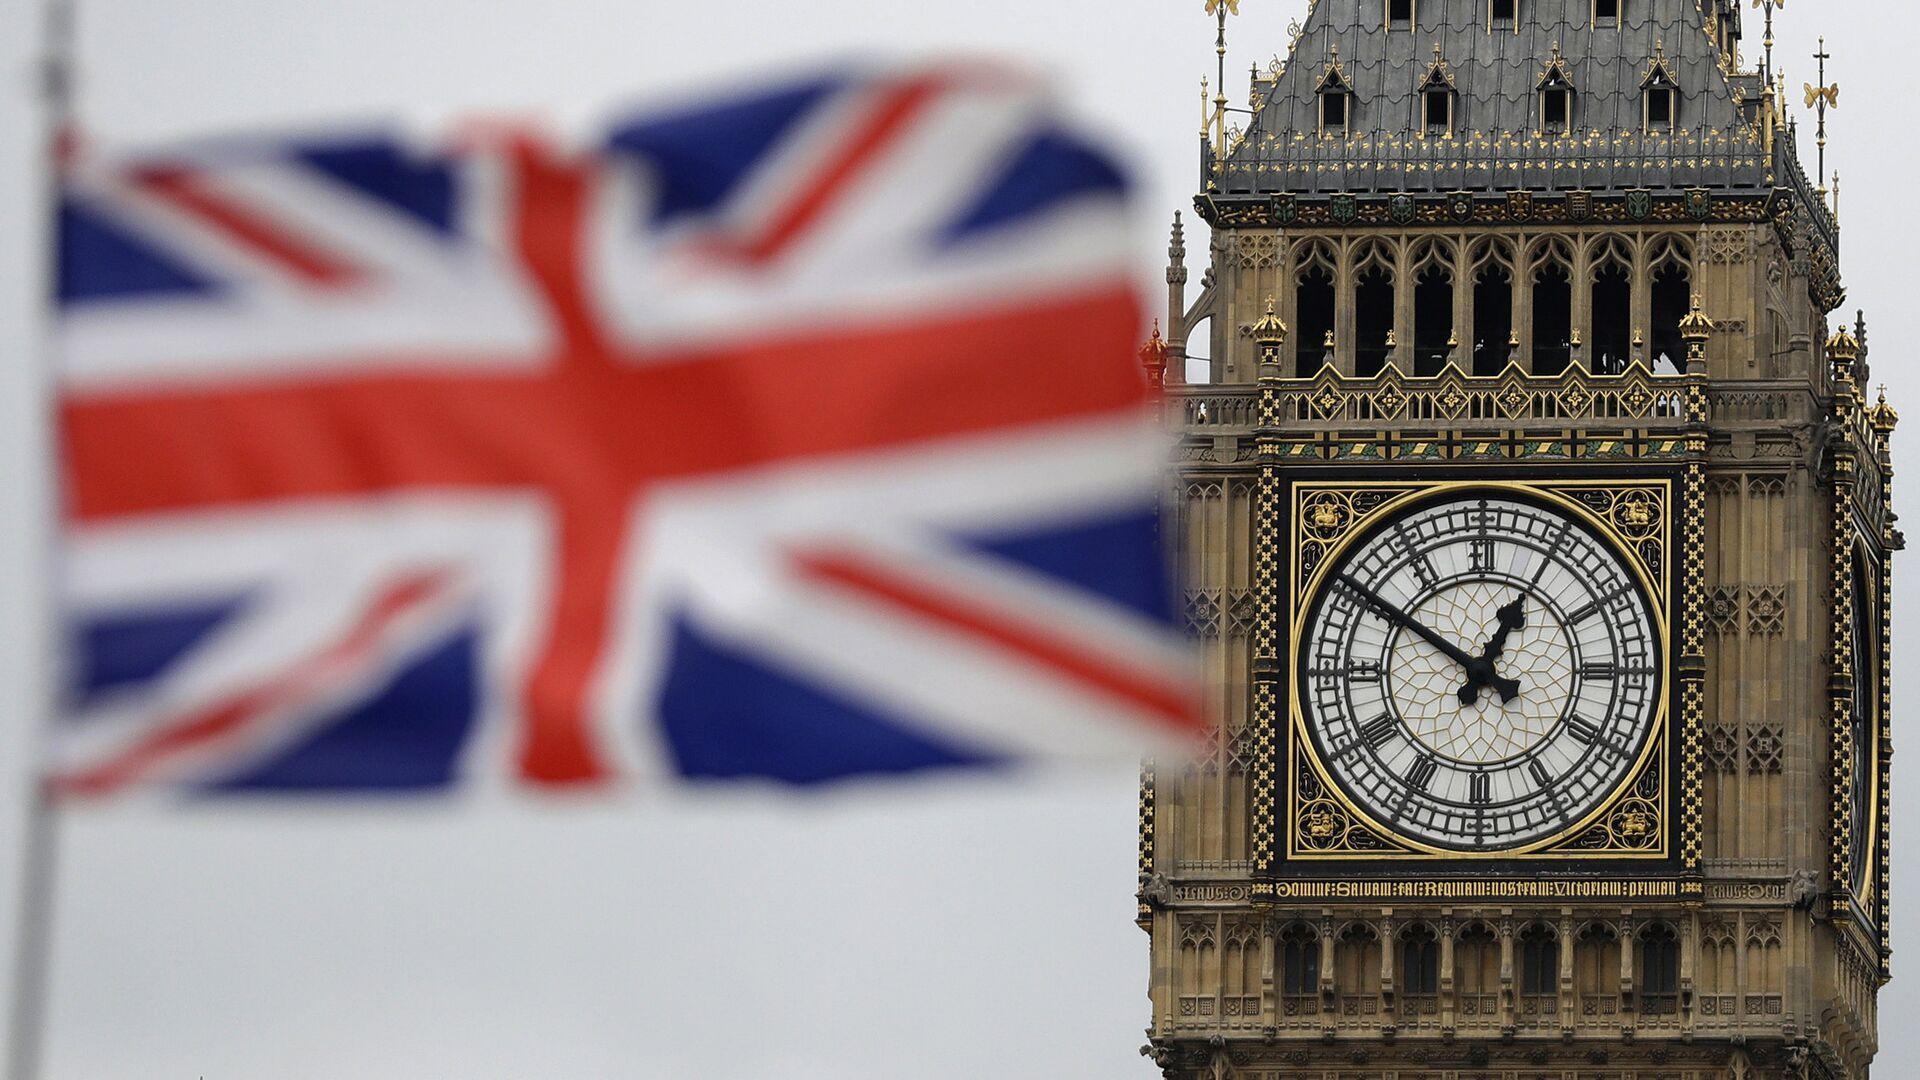 Застава Велике Британије испред Биг Бена у Лондону. - Sputnik Србија, 1920, 14.10.2021